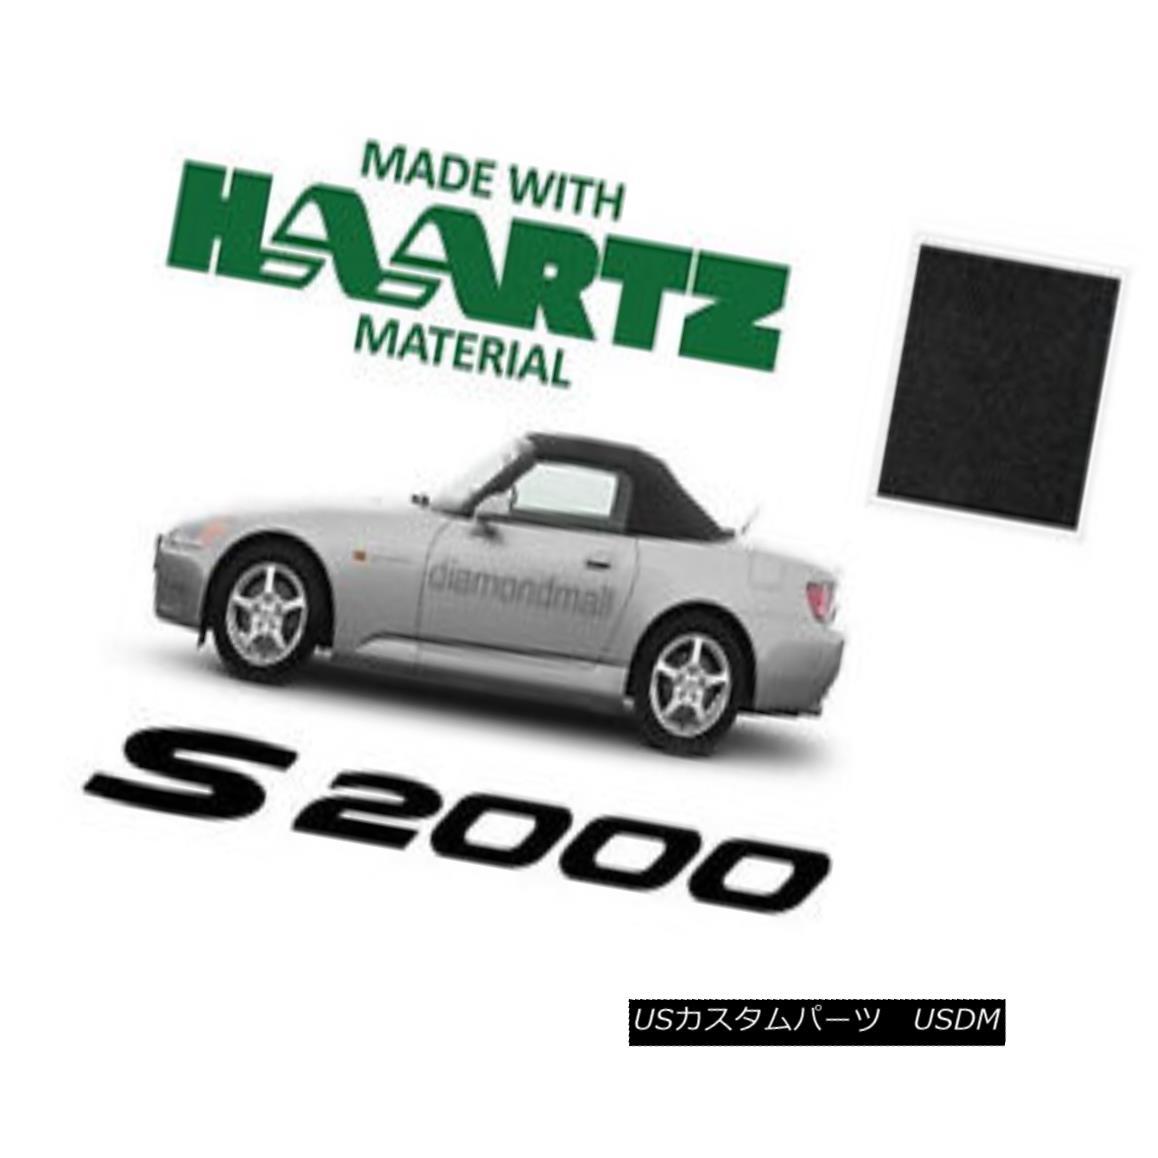 幌・ソフトトップ Honda S2000 Convertible Soft Top Replacement With Plastic Window 2000-2001 ホンダS2000、プラスチック製の窓2000-2001でソフトトップ交換